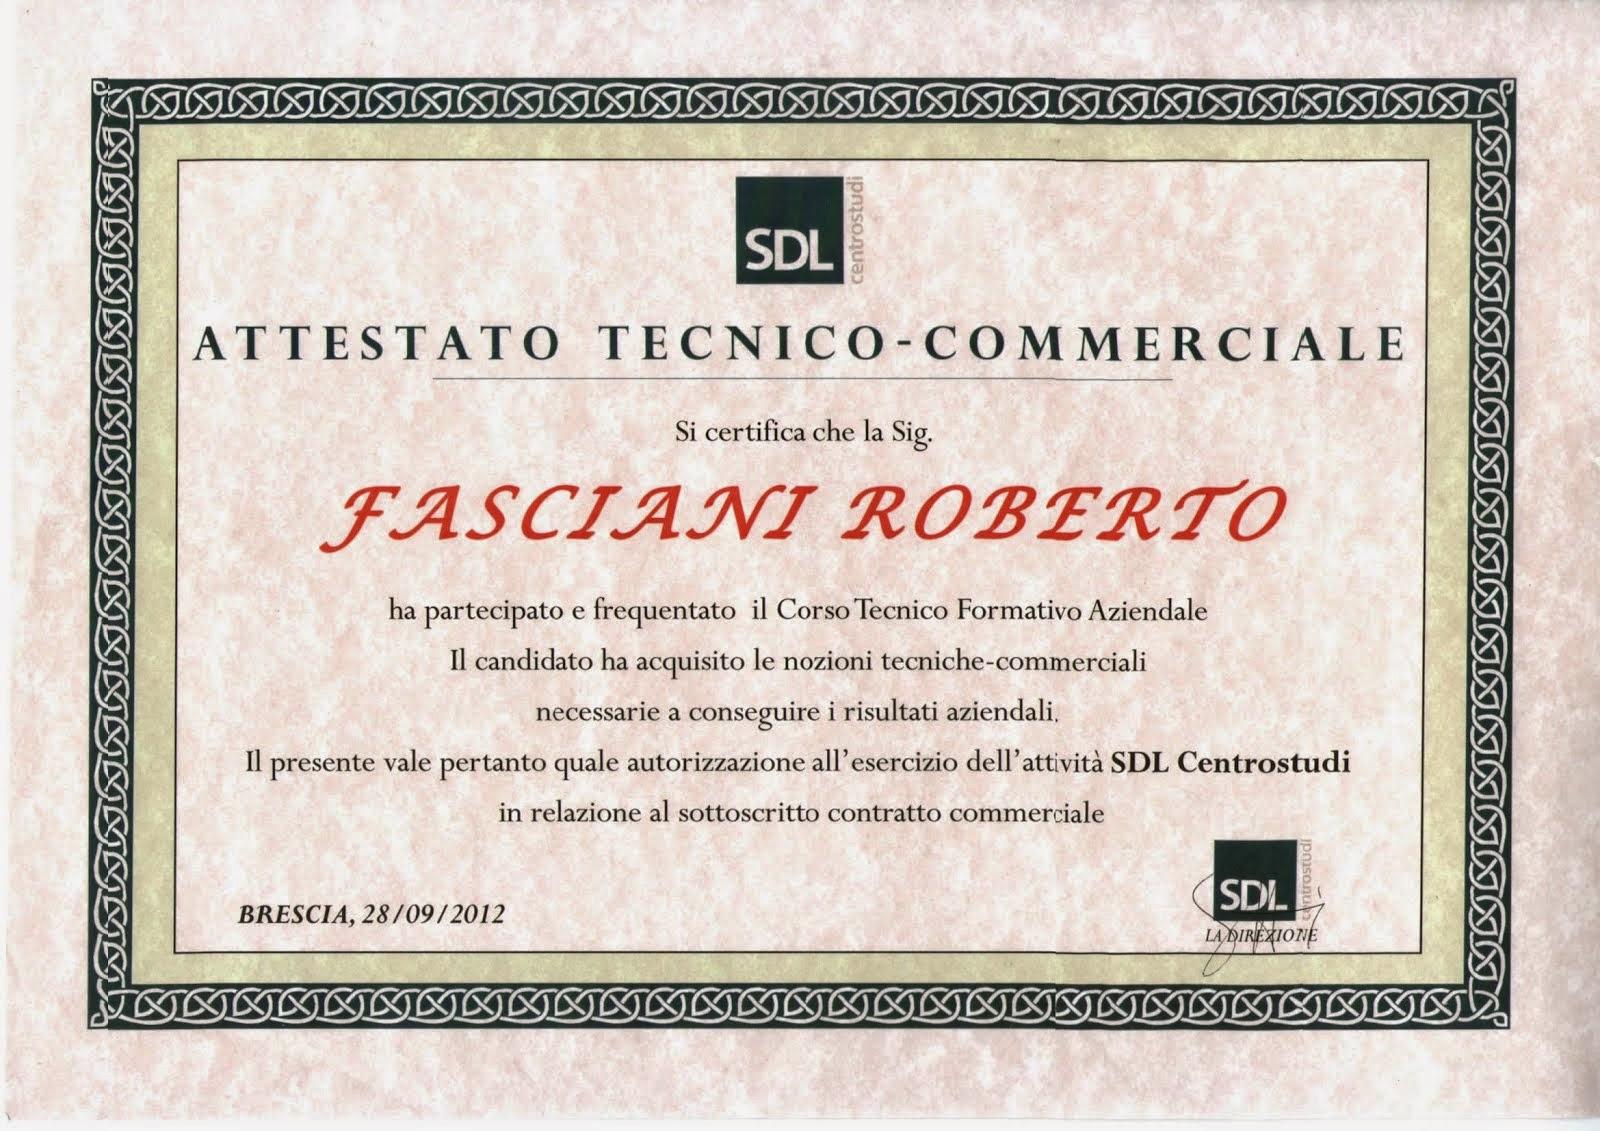 ATTESTATO TECNICO-COMMERCIALE SDL CENTROSTUDI SPA